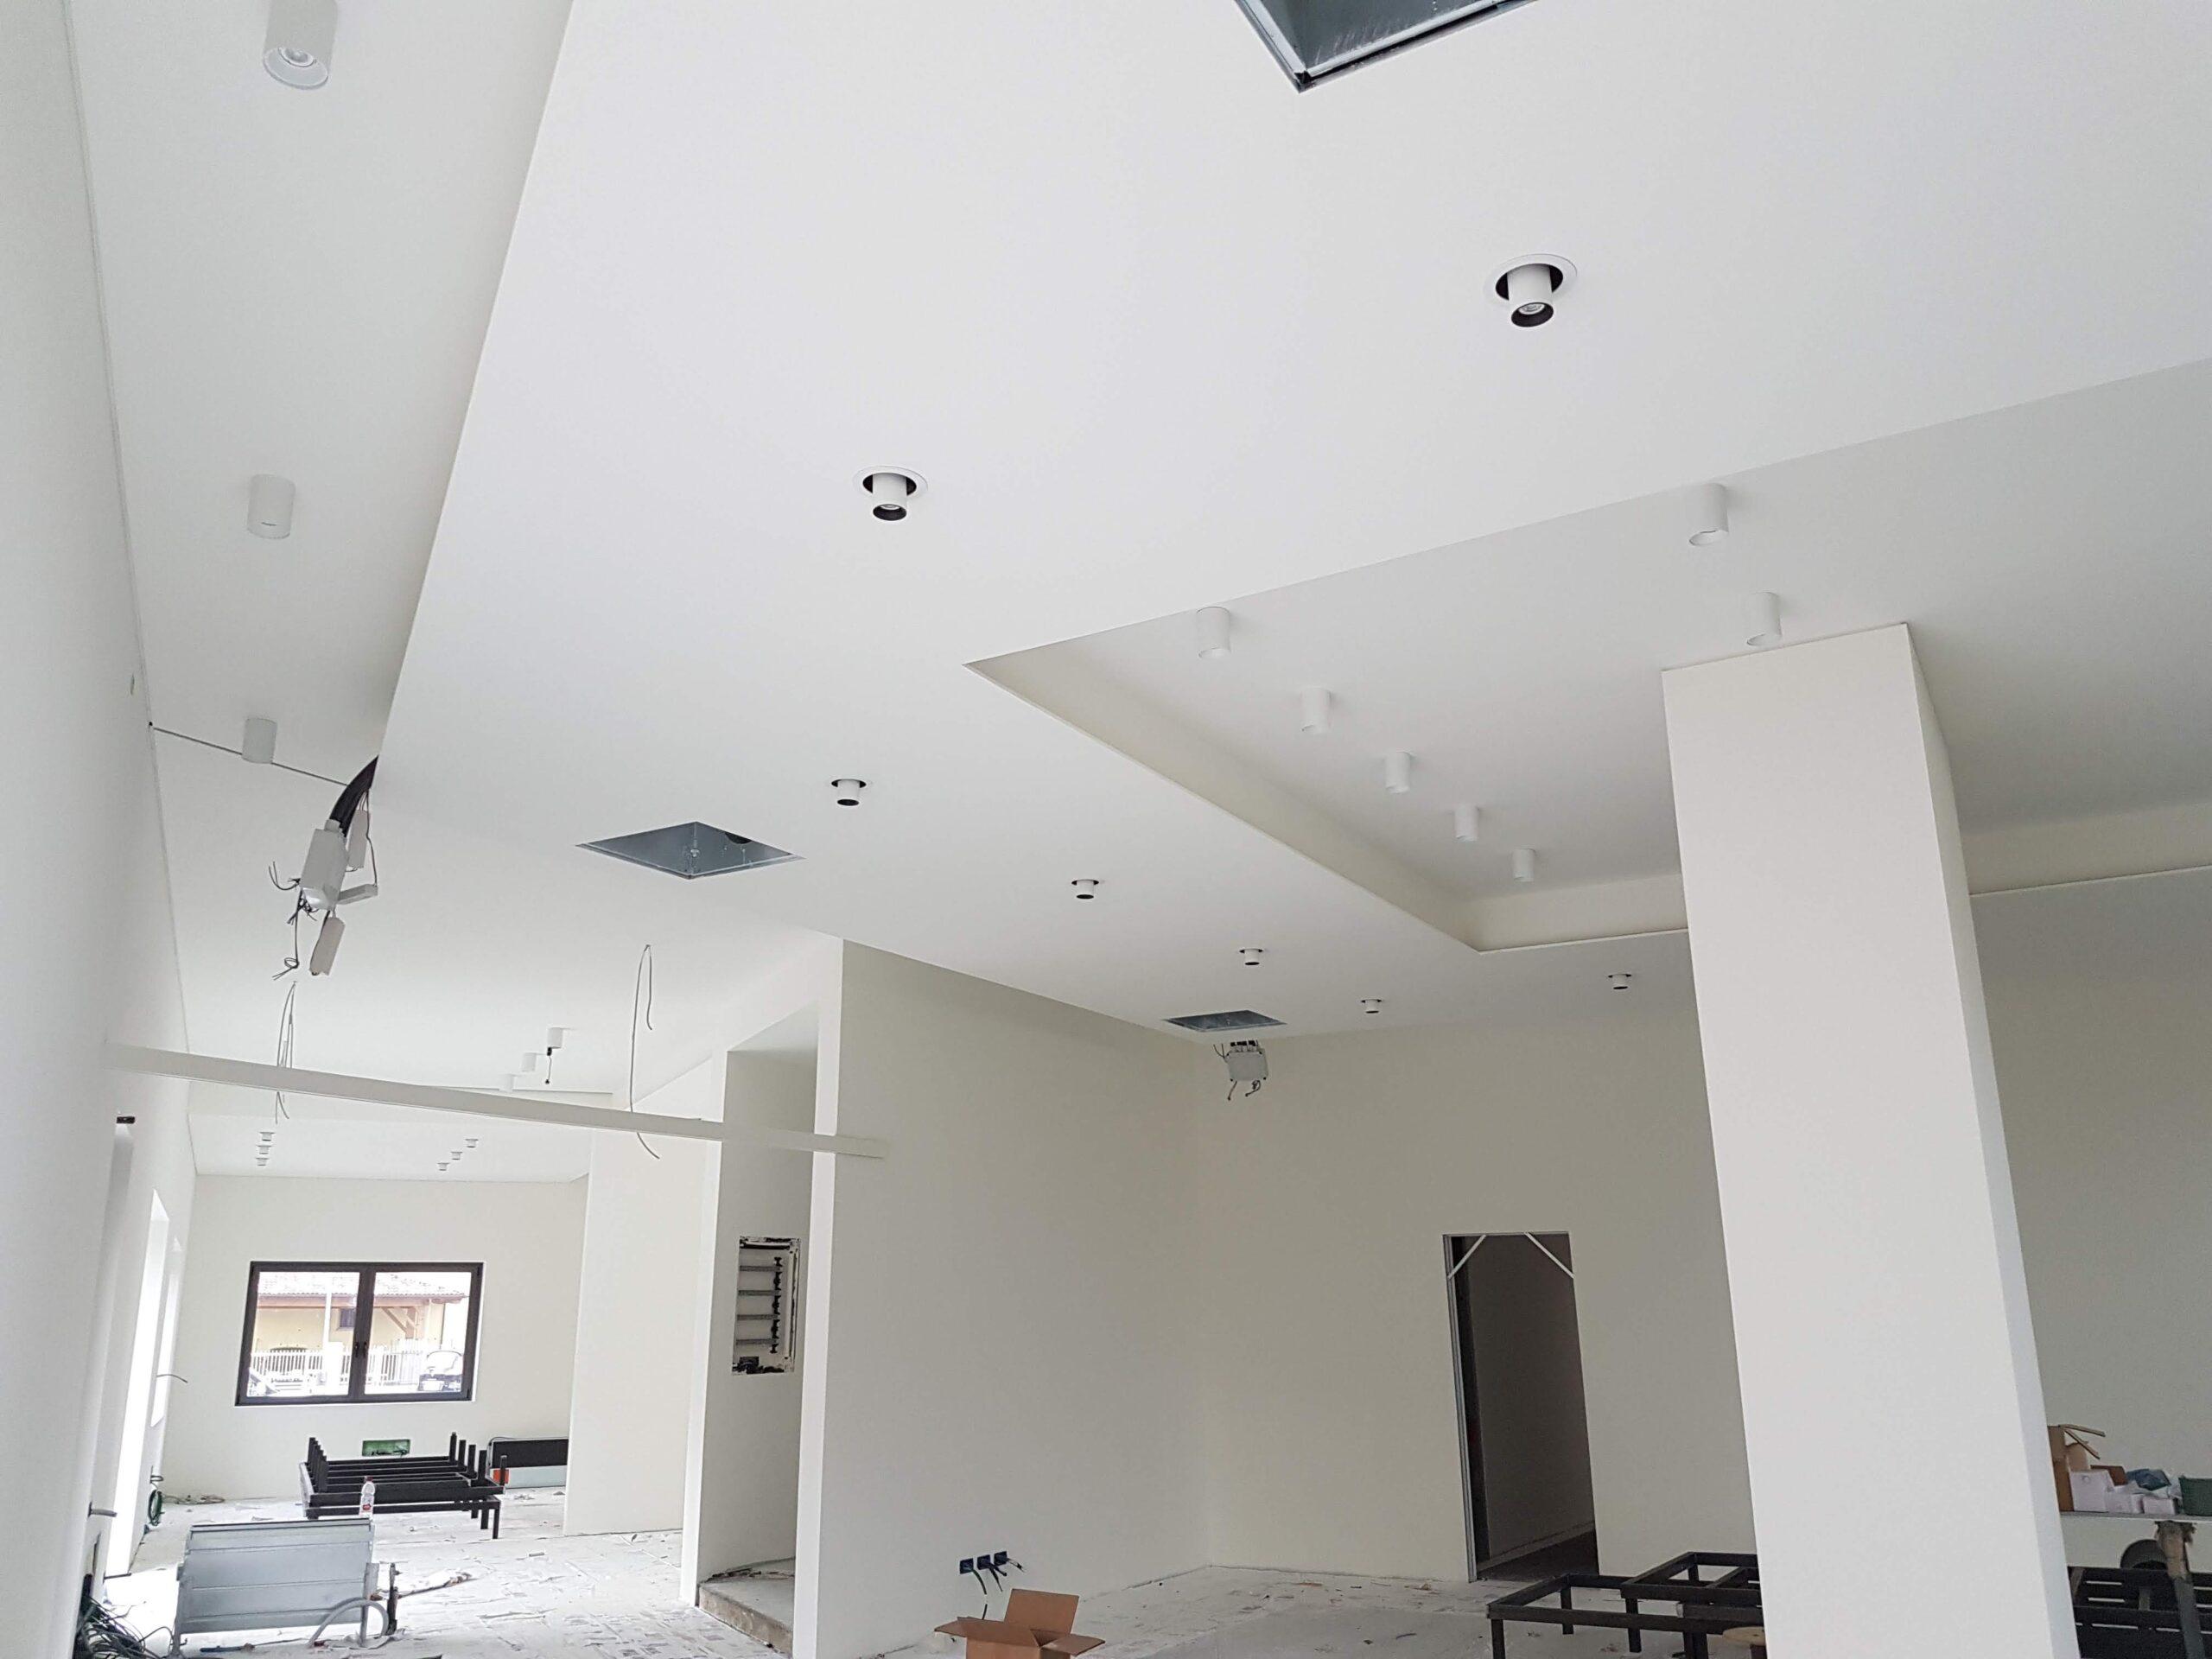 Controsoffitti isolamenti termo-acustici ISOVER Cantiere borgo San Dalmazzo sede di DINO BIKES